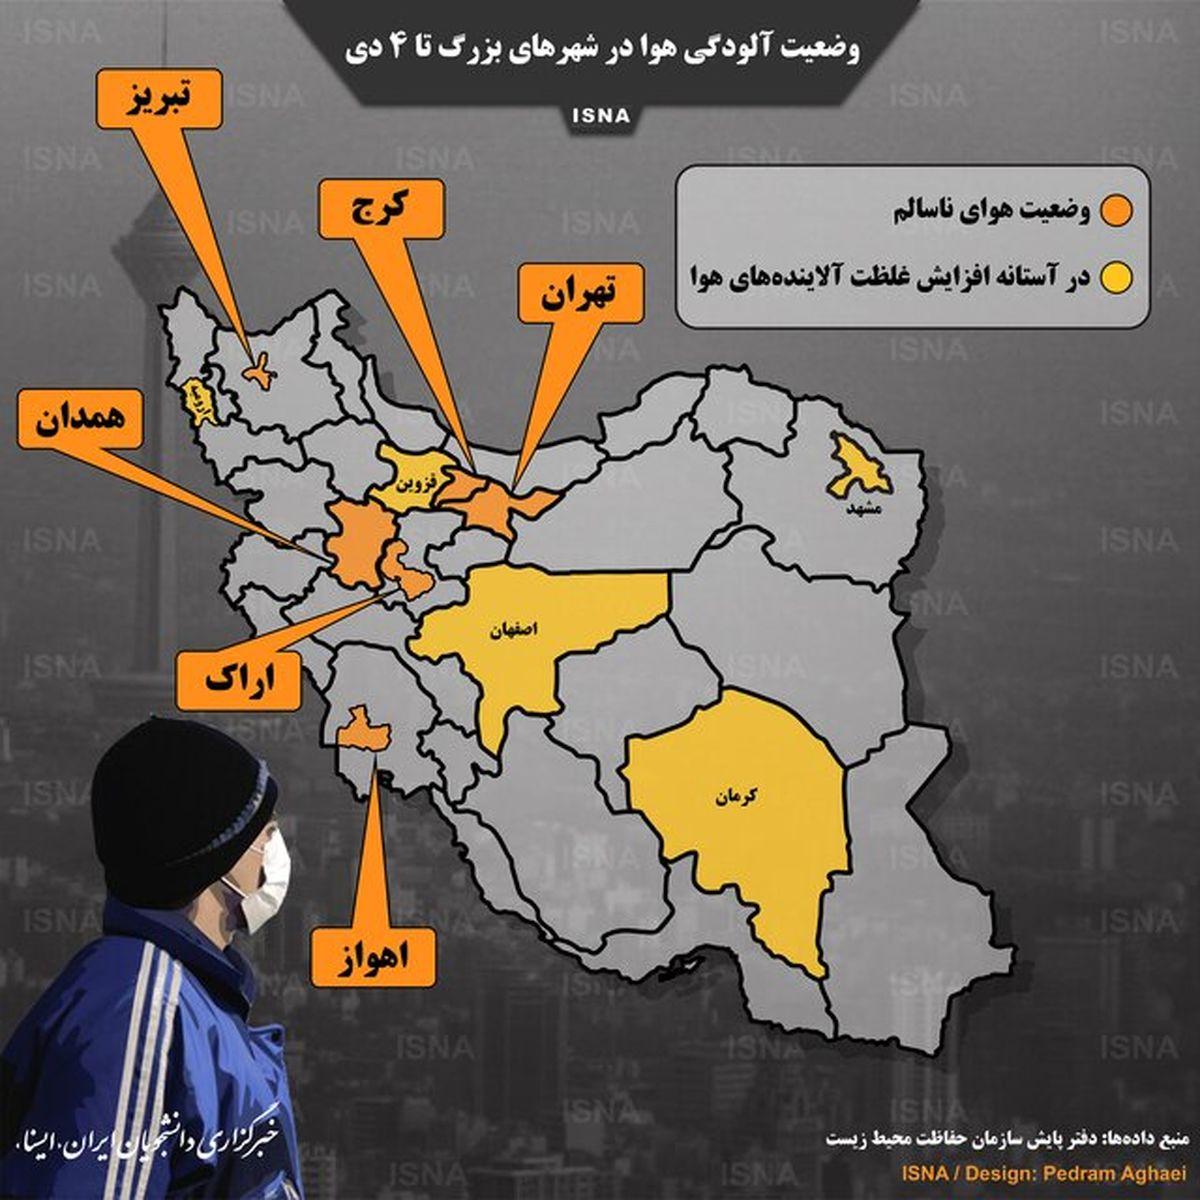 وضعیت آلودگی هوا در شهرهای بزرگ ایران